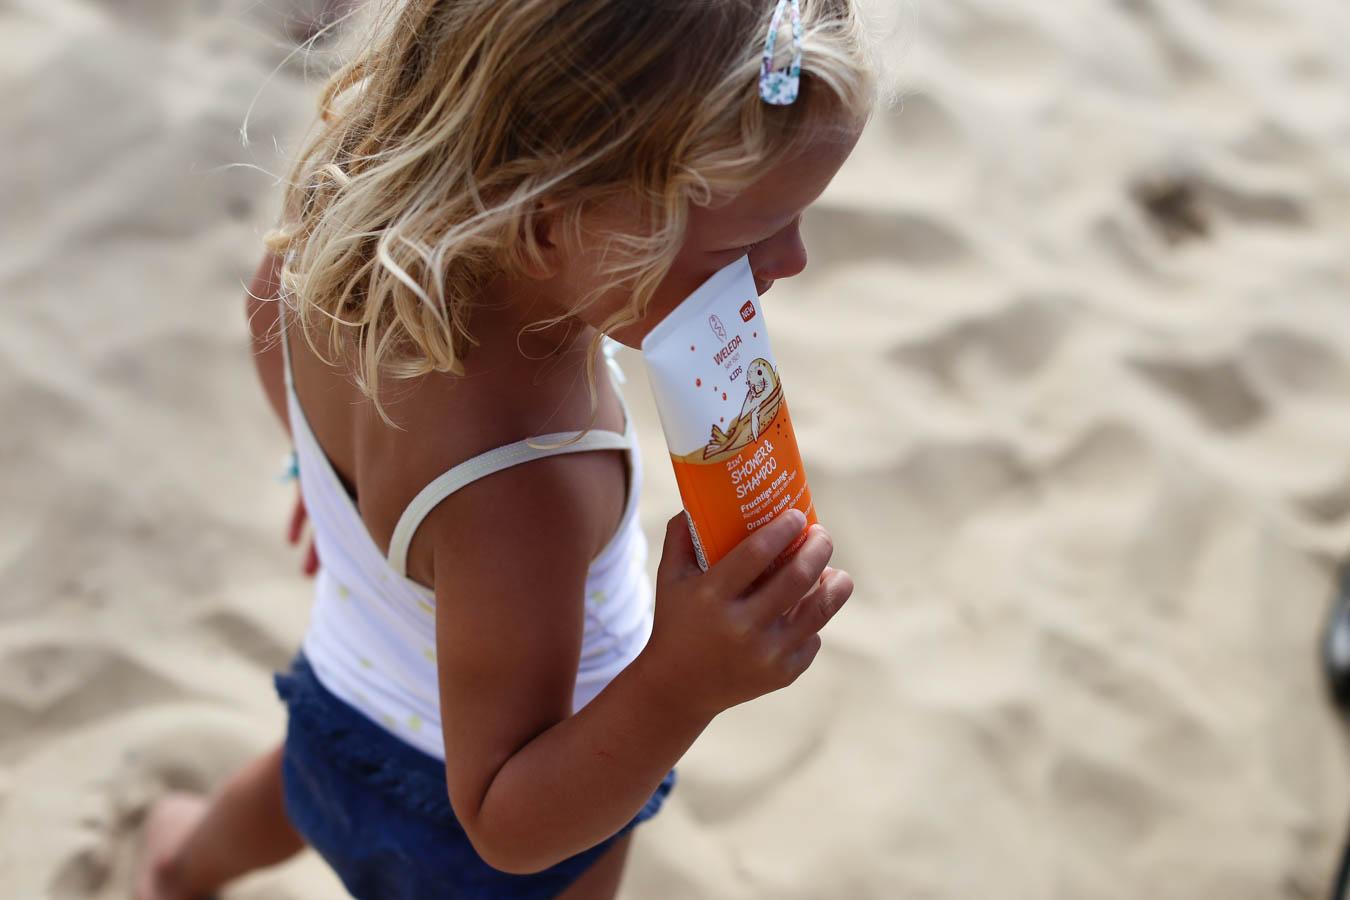 #Kids | Über die Natur, Nachhaltigkeit & die neuen 2in1 Shower & Shampoo für Kids von Weleda!